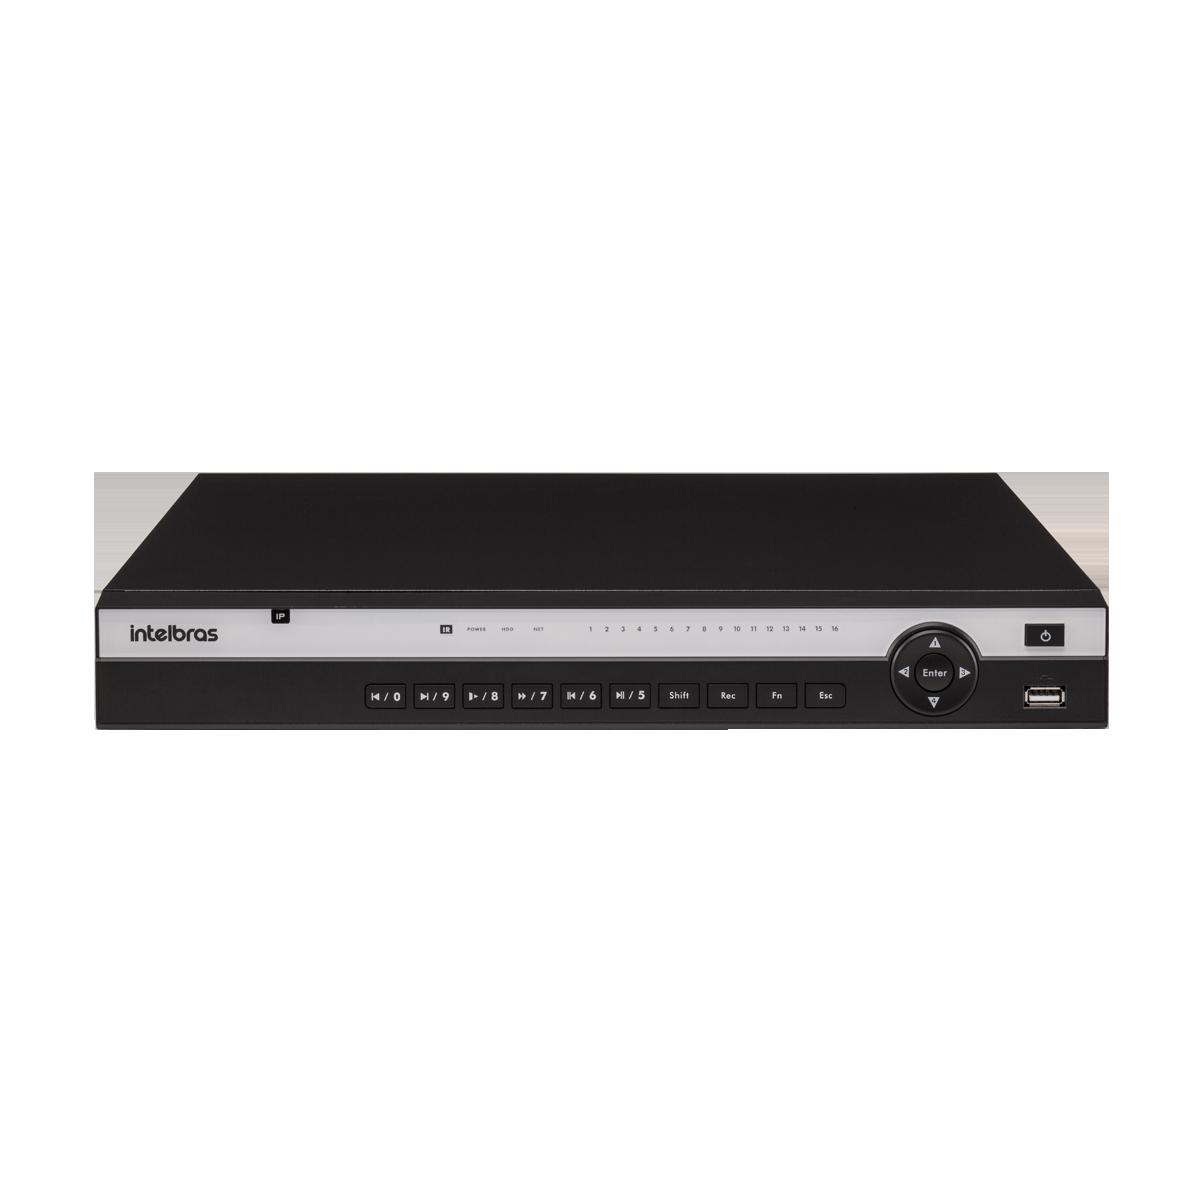 NVD 1316 C/ HD 3TB - GRAV. DIG. DE VÍDEO EM REDE PARA ATÉ 16 CANAIS IP, H.265, SUPORTA RESOLUÇÃO ATÉ 8MP, HD de 3TB instalado - PRODUÇÃO CUSTOMIZADA COM ENTREGA EM ATÉ 45 DIAS  - Sandercomp Virtual